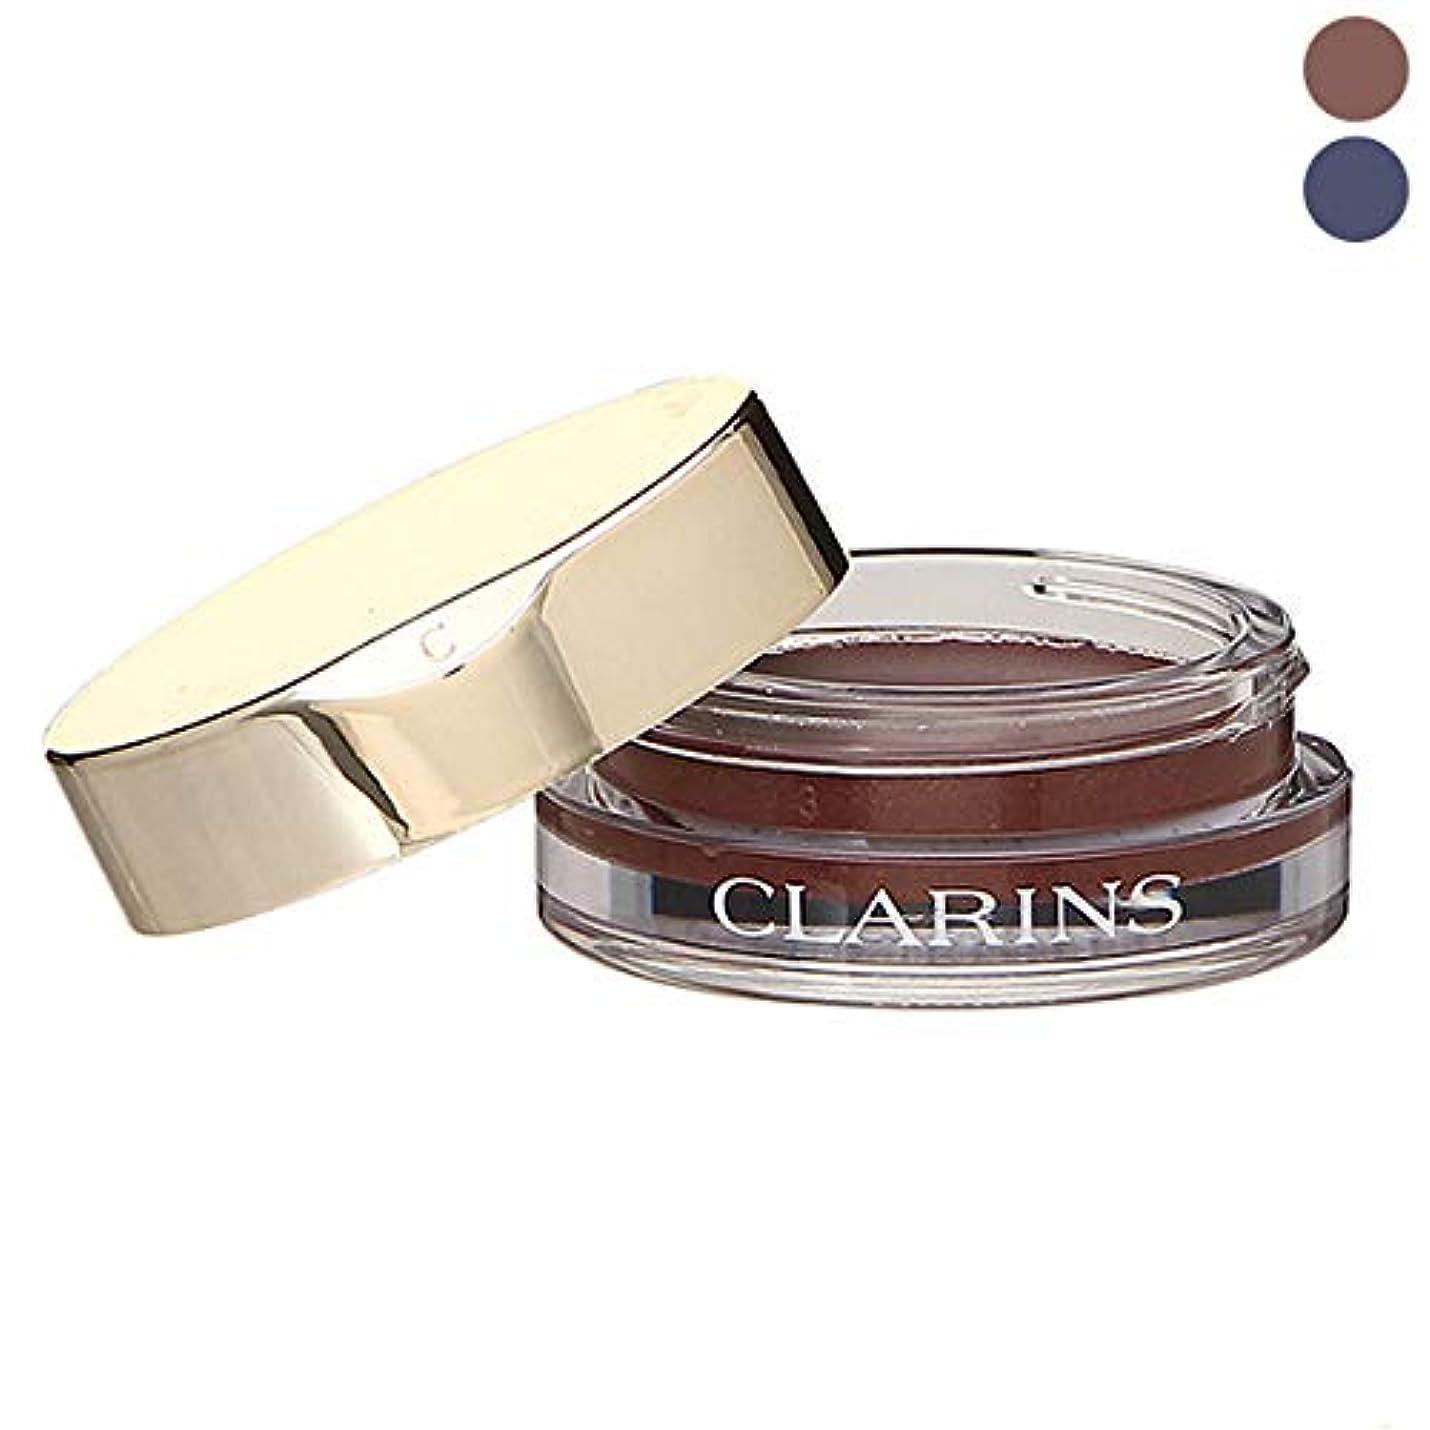 ハブブ因子アウタークラランス CLARINS モノアイシャドウ S 04 ベイビーブルーアイズ (在庫) [並行輸入品]